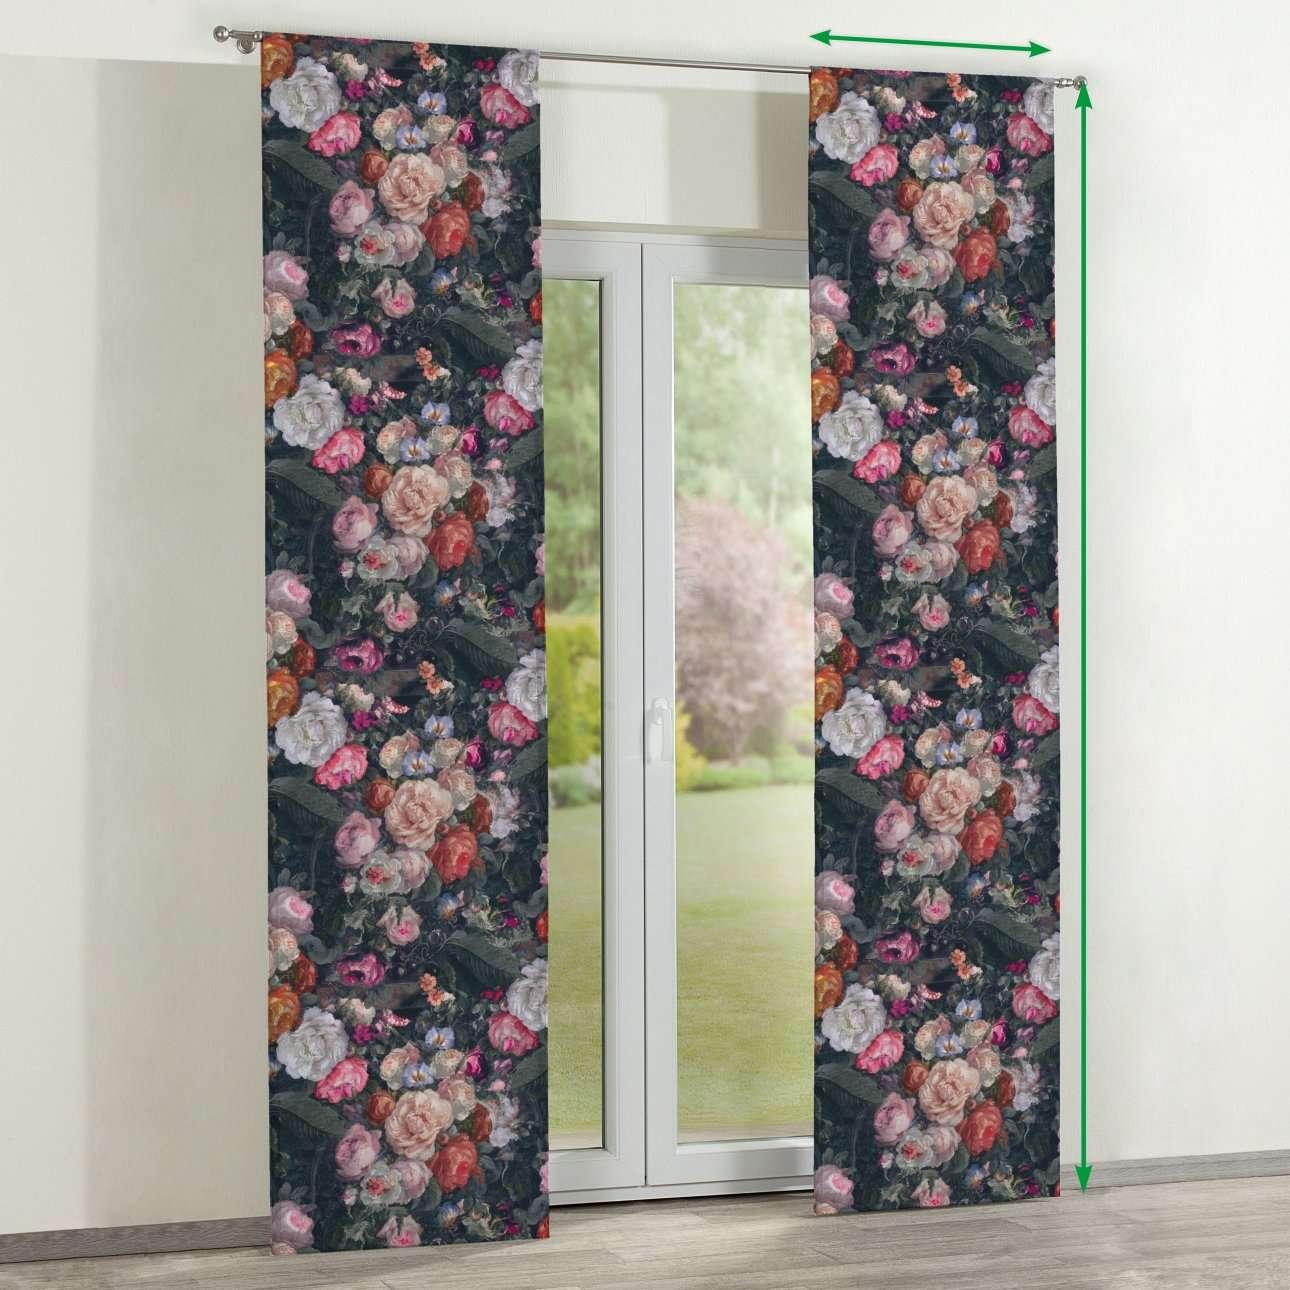 Zasłony panelowe 2 szt. w kolekcji Gardenia, tkanina: 161-02